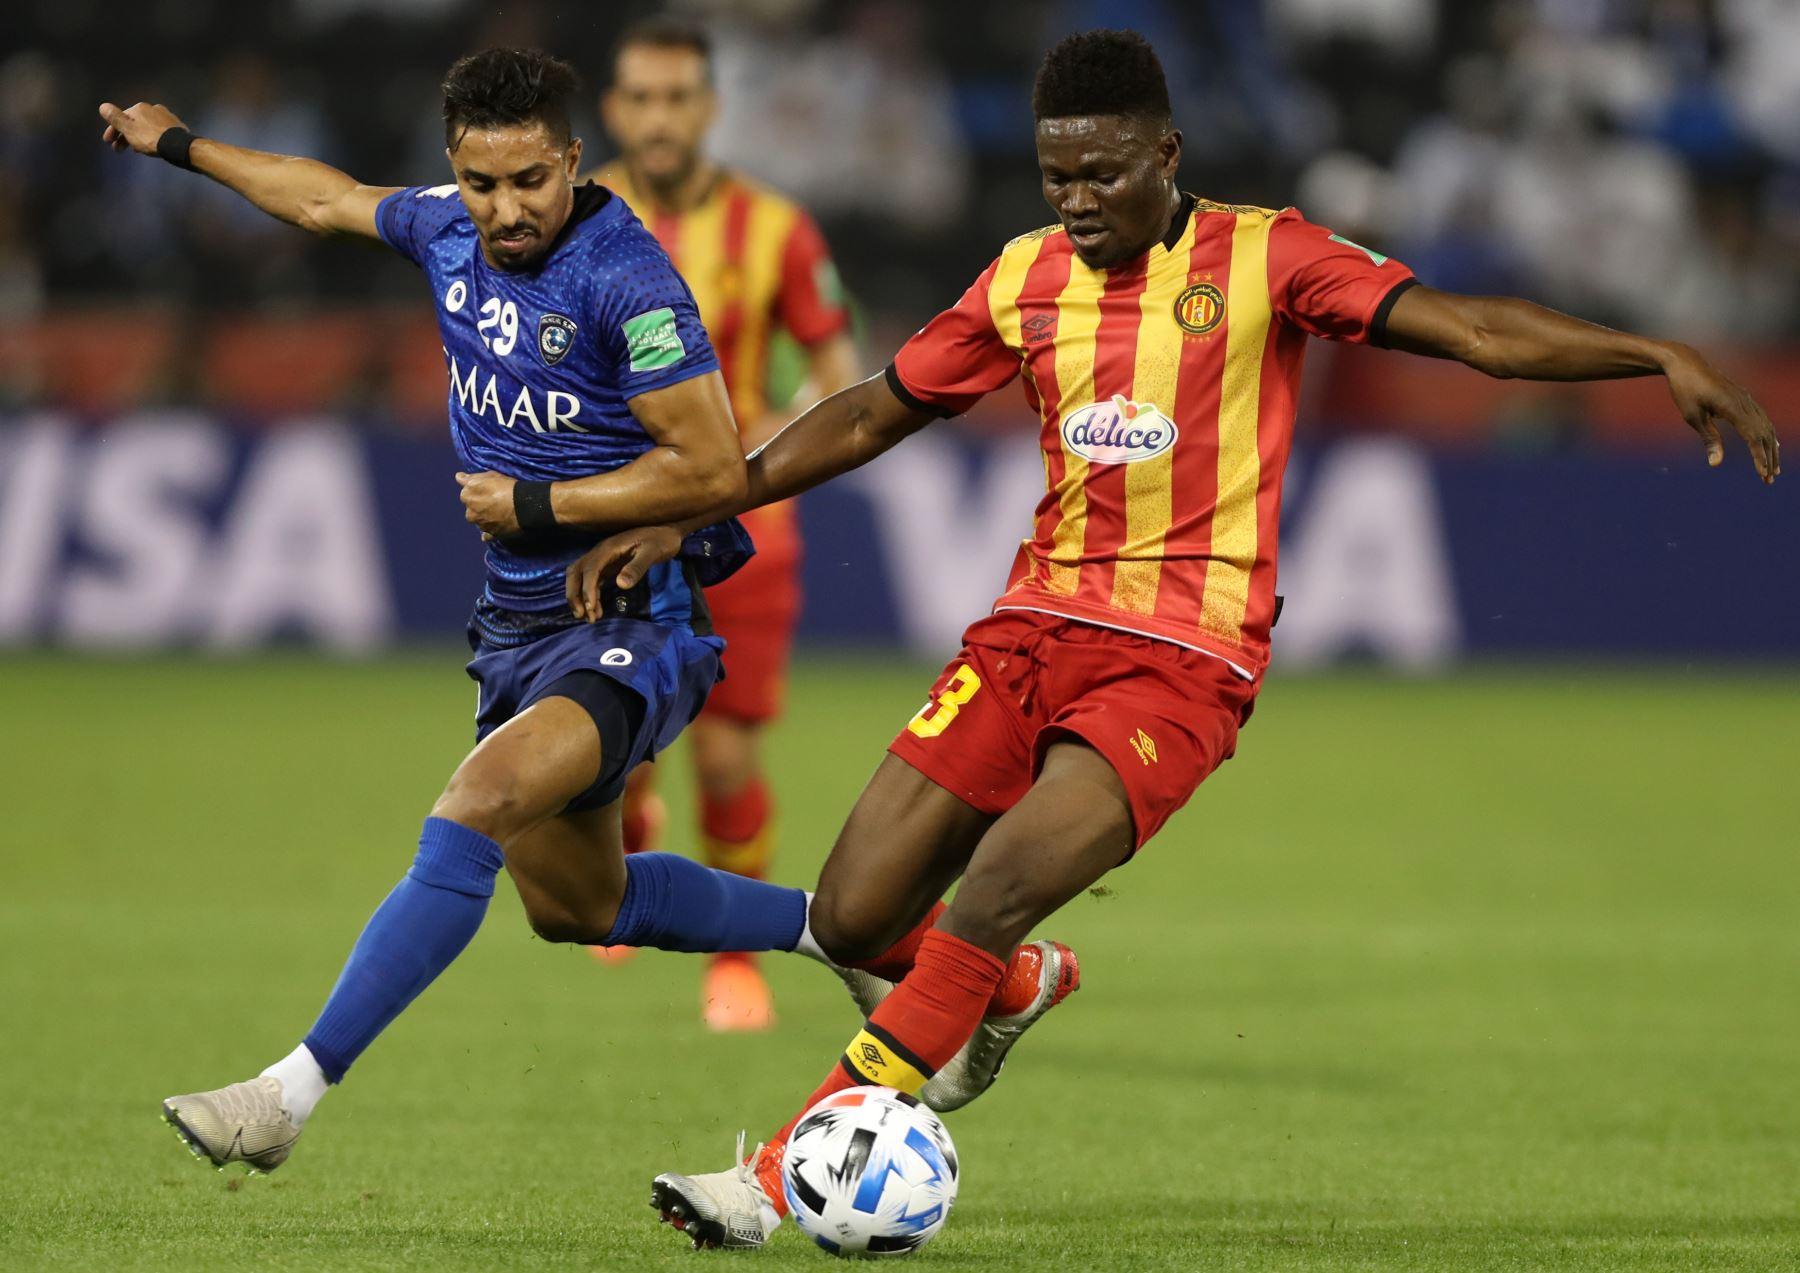 El centrocampista de Hilal Salem al-Dawsari (L) compite por el balón contra el centrocampista de Esperance Kwame Bonsu (R) durante el partido de fútbol de cuartos de final de la Copa Mundial de Clubes de la FIFA 2019 entre Hilal y Esperance de Tunis. Foto: AFP